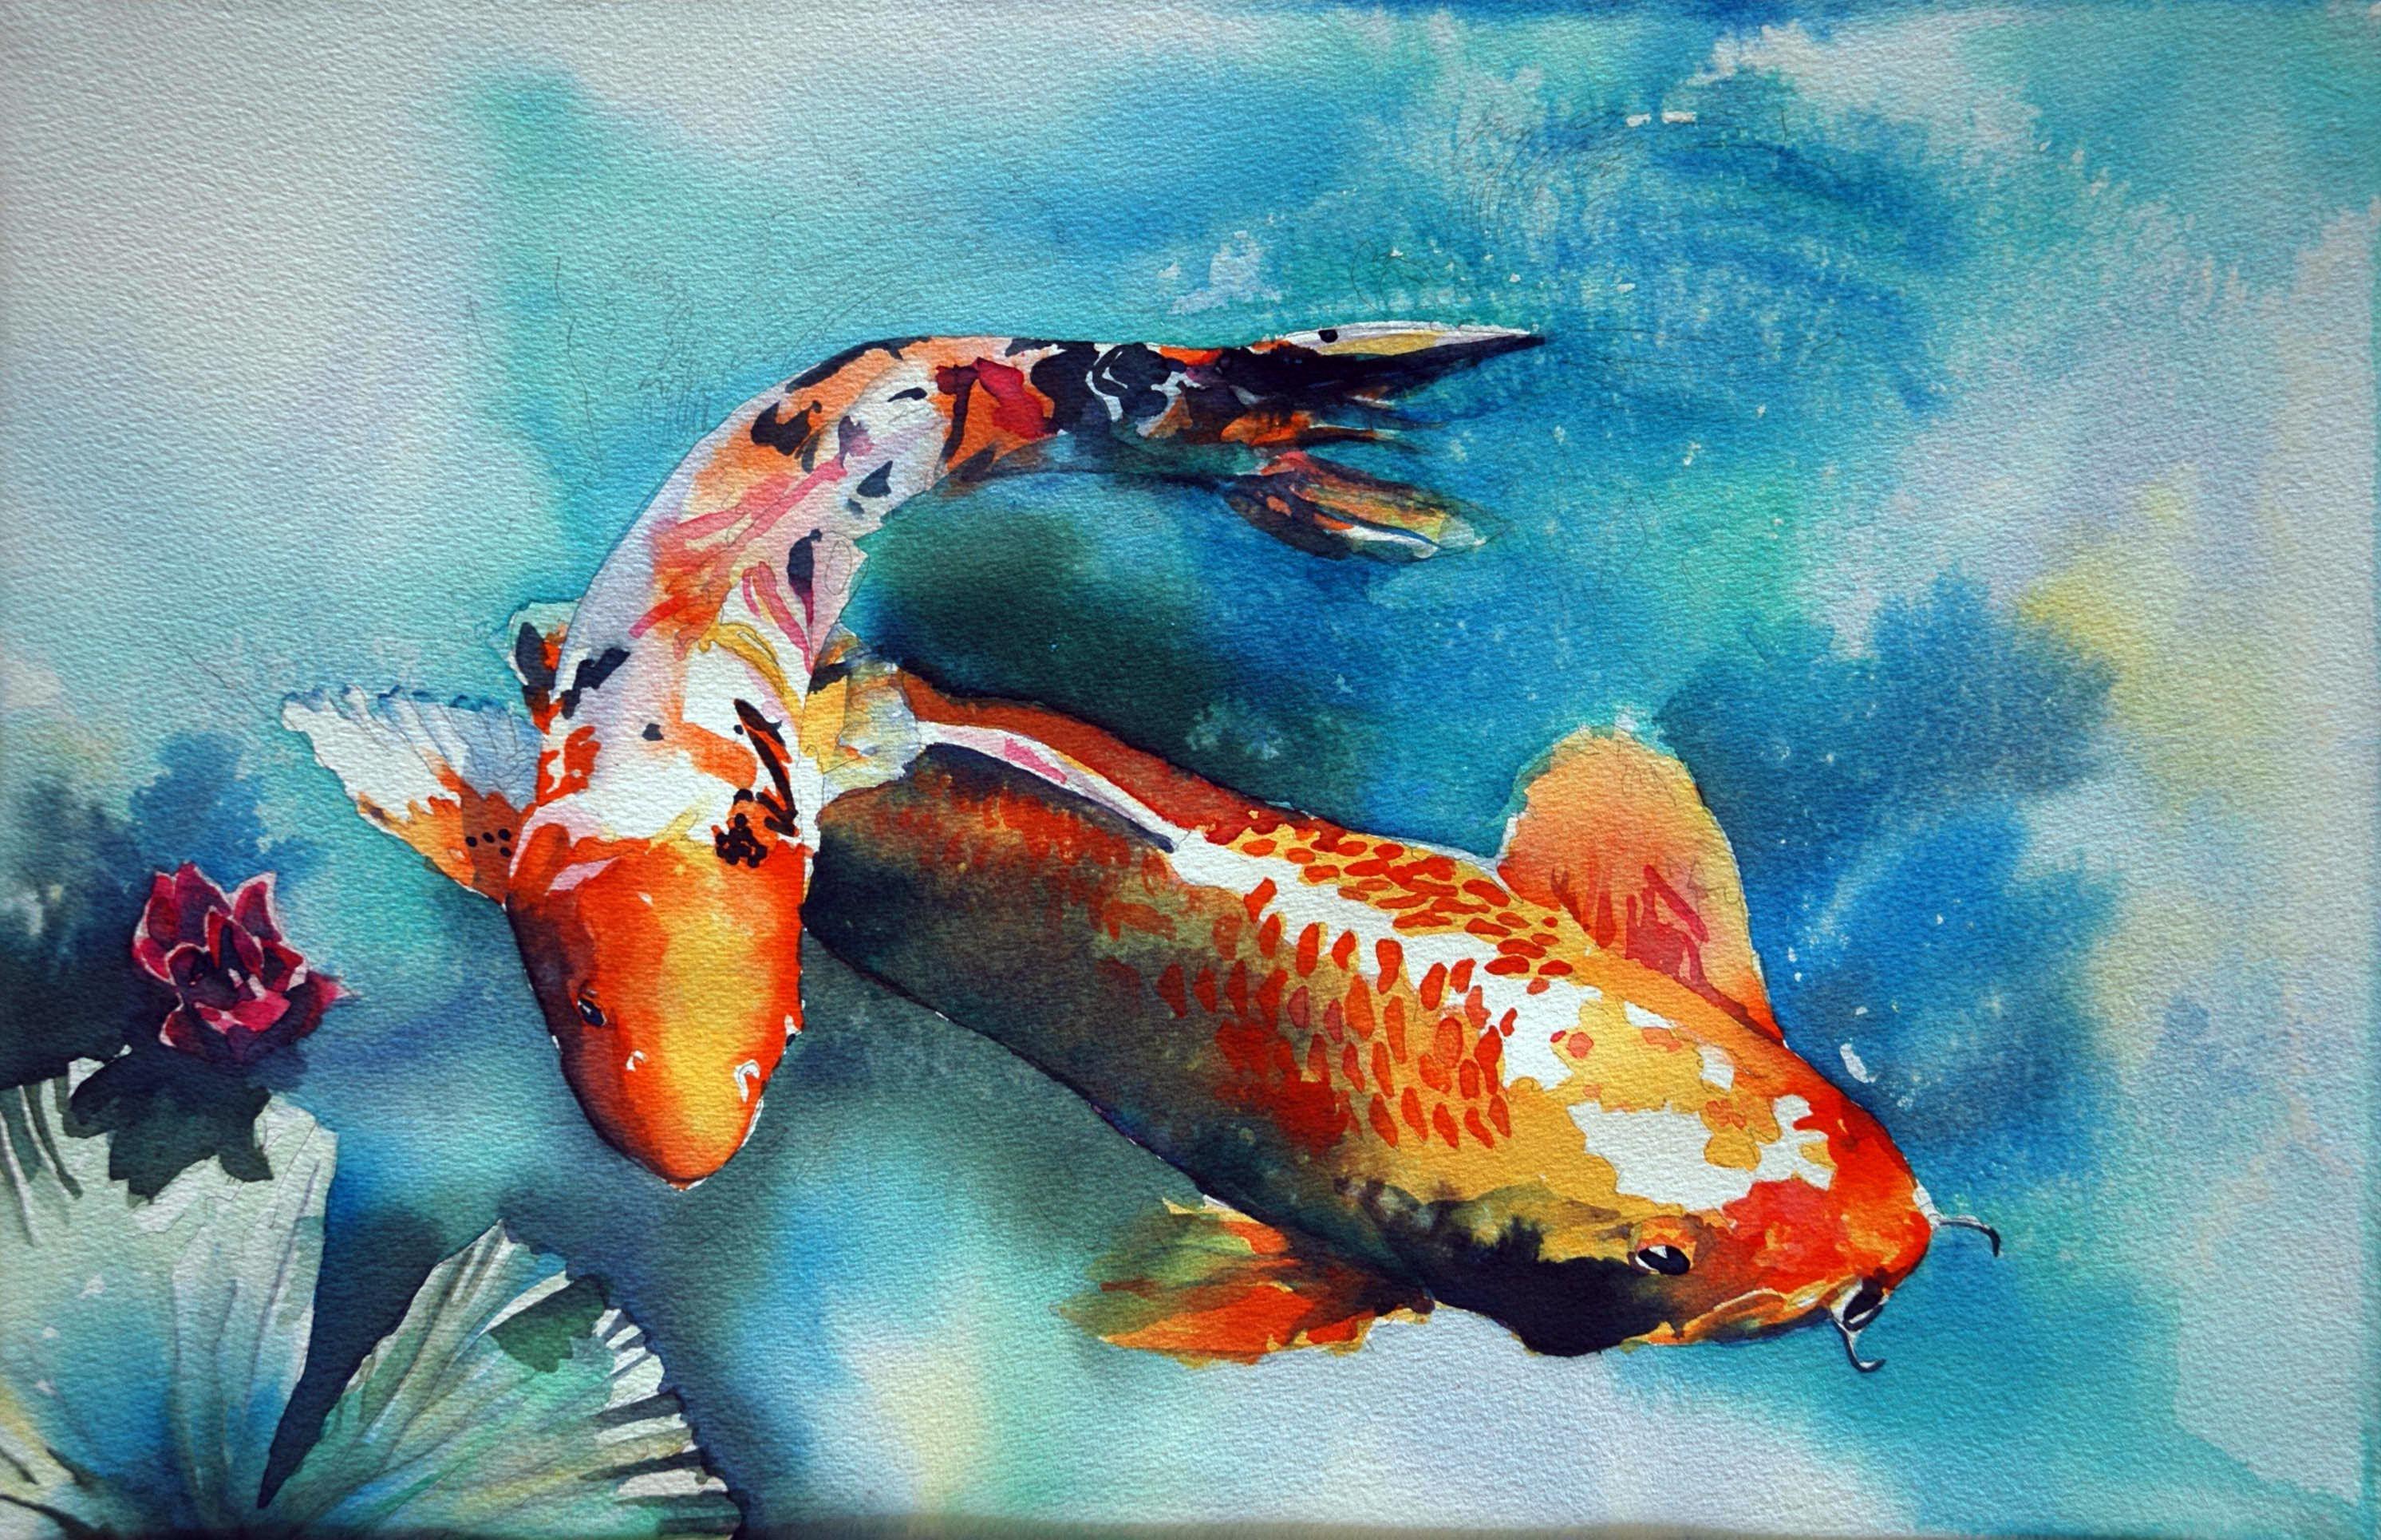 2984x1930 Watercolor Fish Paintings Gallery Koi Fish Watercolor Painting